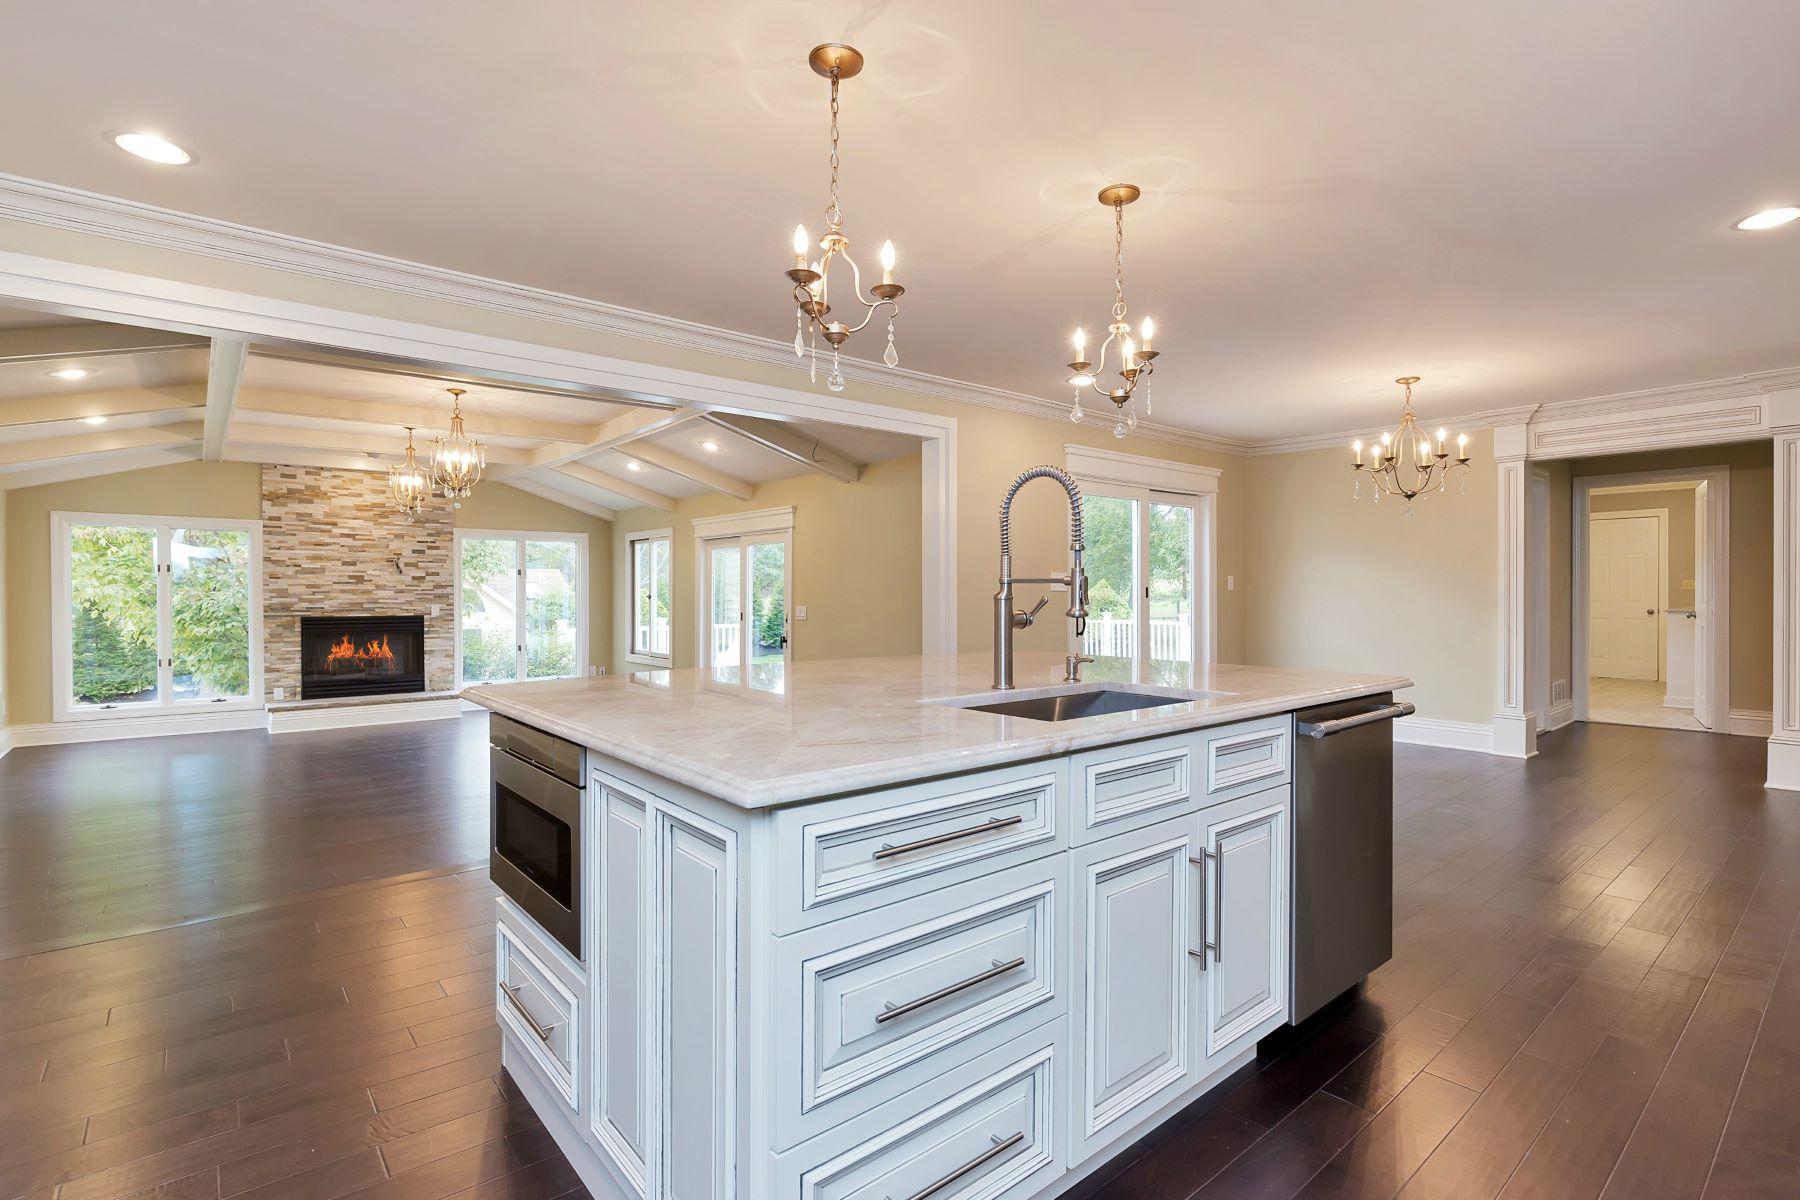 一戸建て のために 売買 アット Elegant Custom Colonial 12 Meadowview Drive Colts Neck, ニュージャージー, 07722 アメリカ合衆国